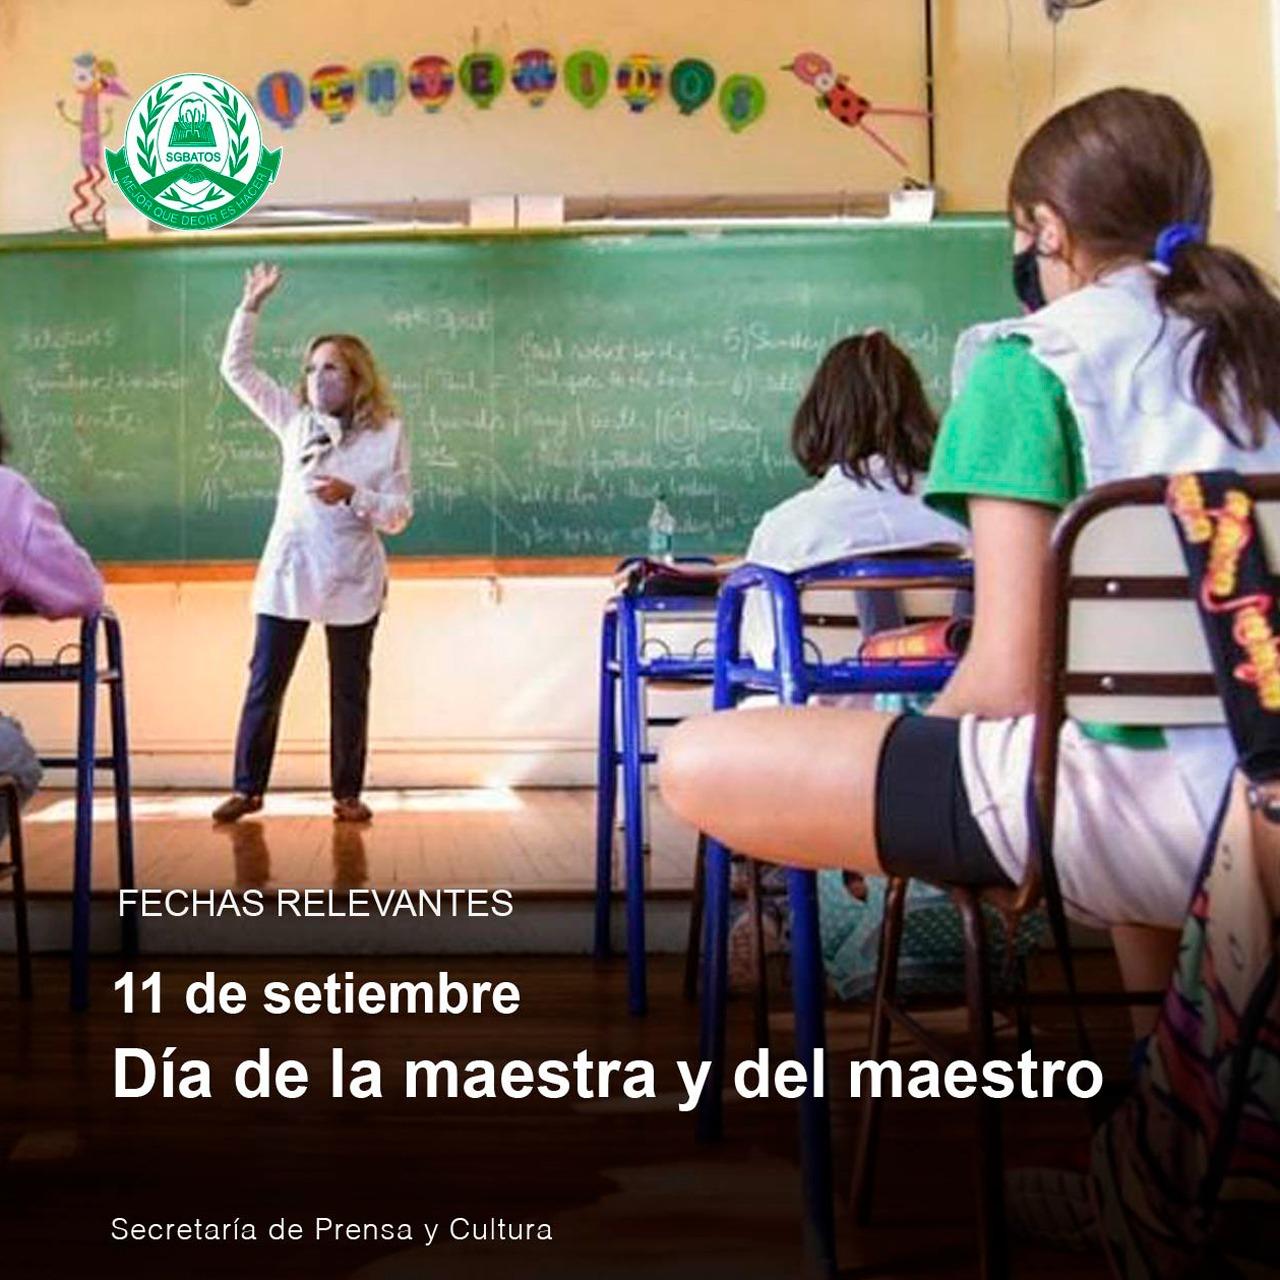 11 de septiembre – Día de la maestra y del maestro